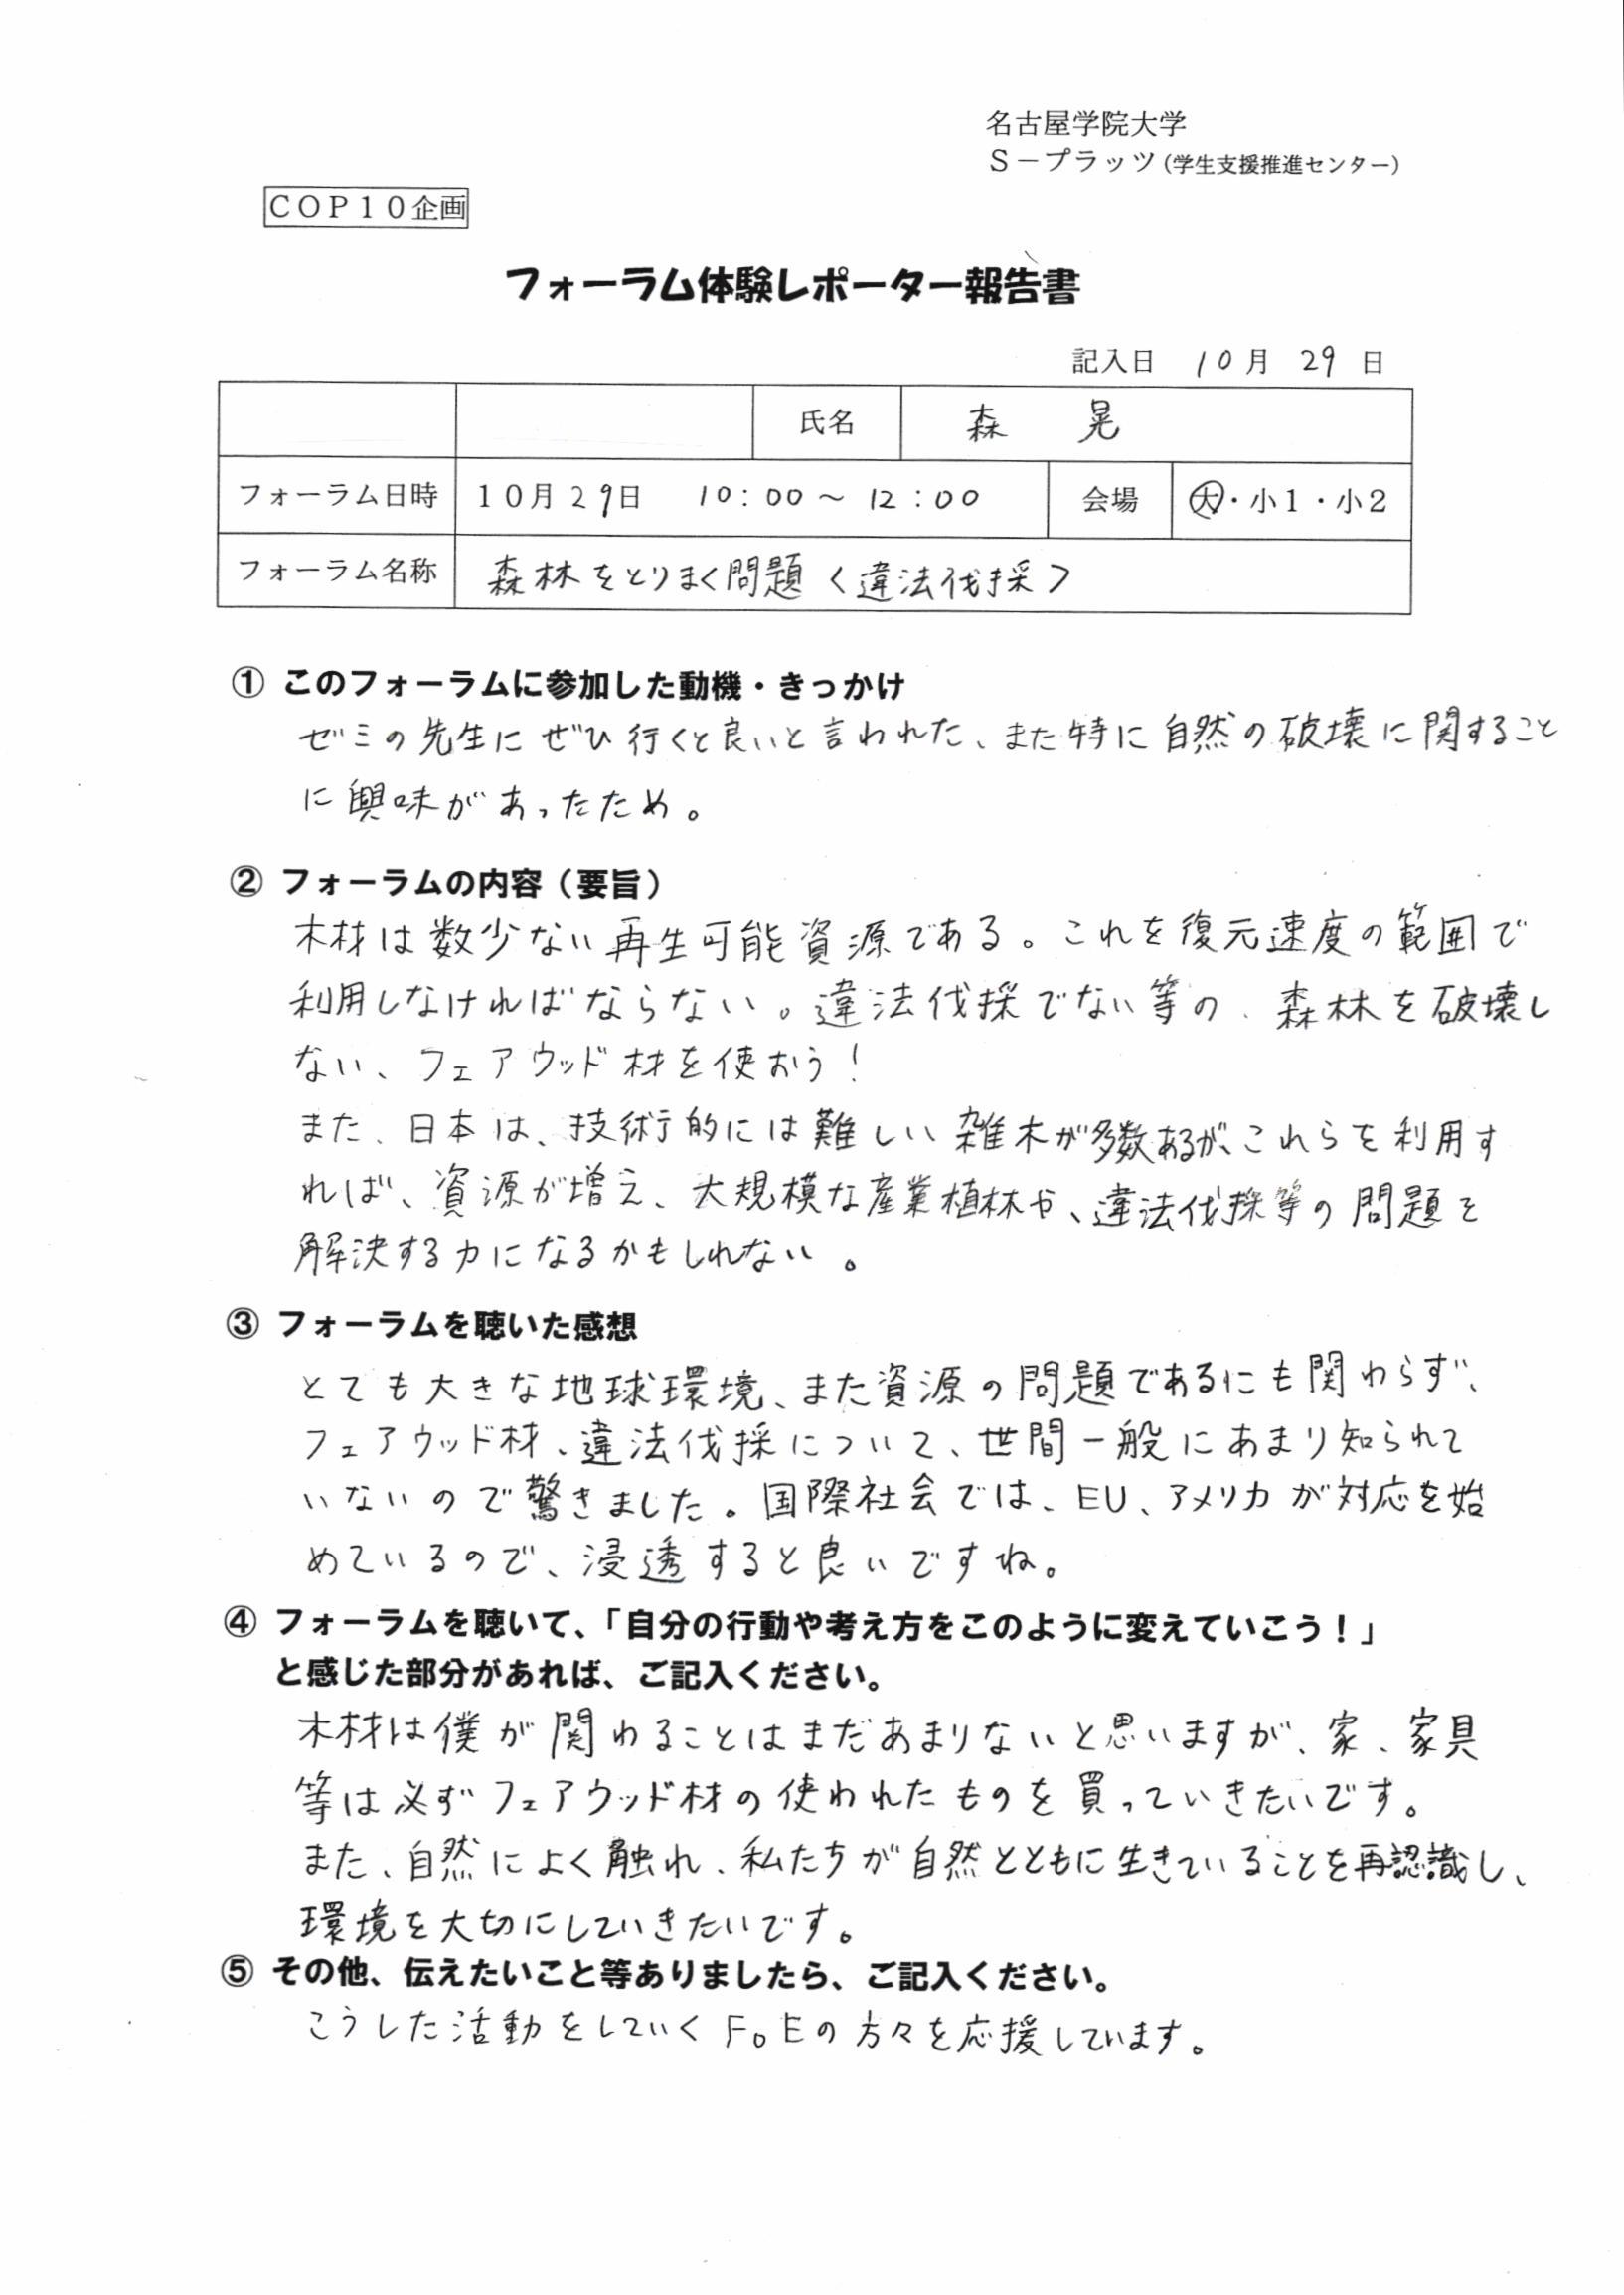 フォーラム体験レポーター報告森晃